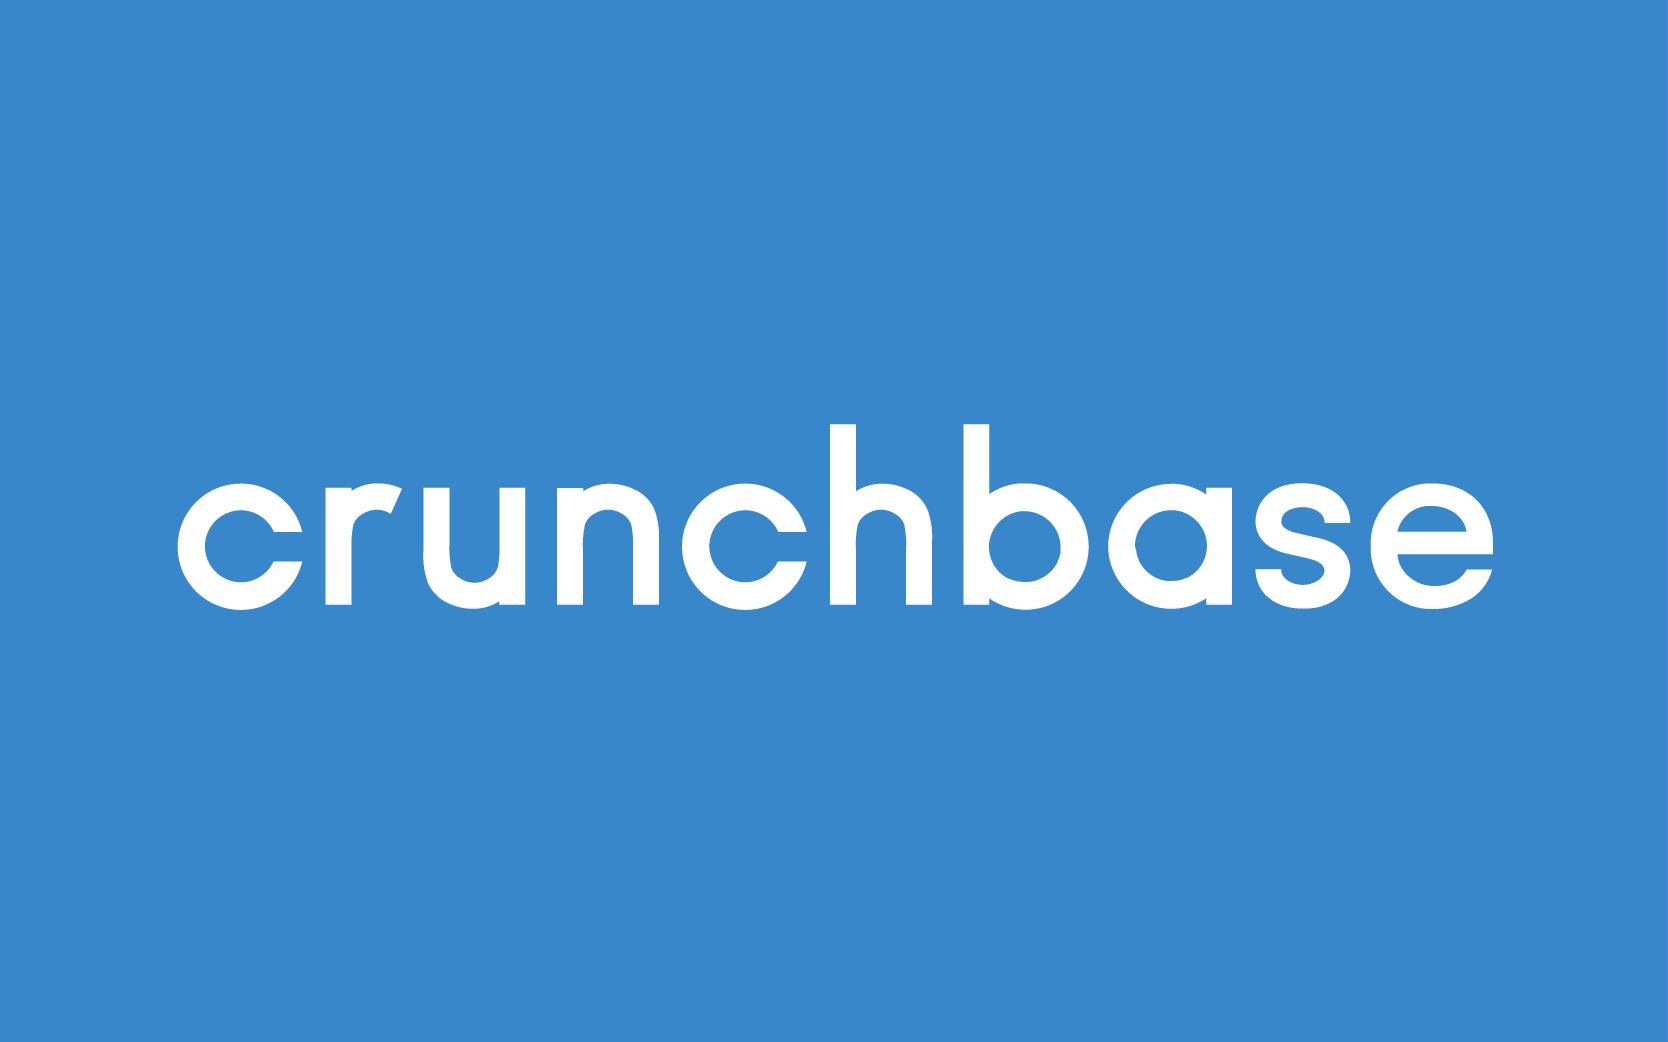 Crunchbase API Joins RapidAPI Marketplace